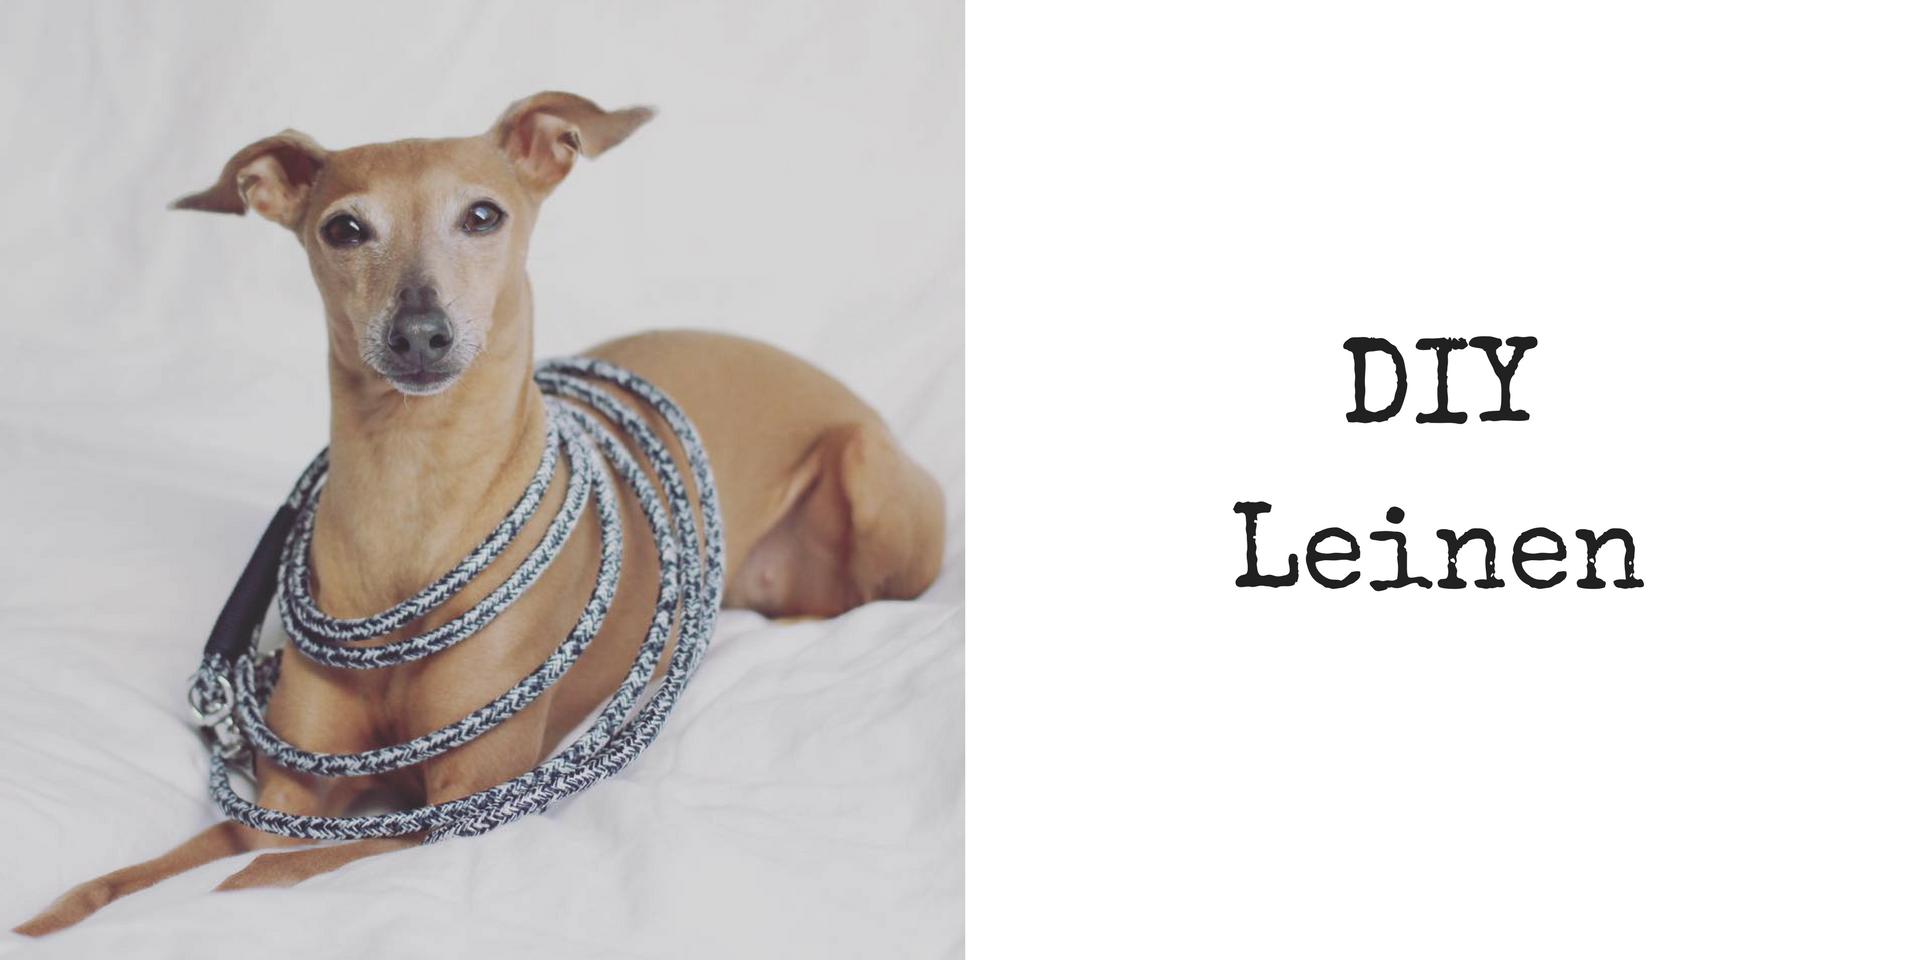 Do it yourself DIY Leinen für den Hund